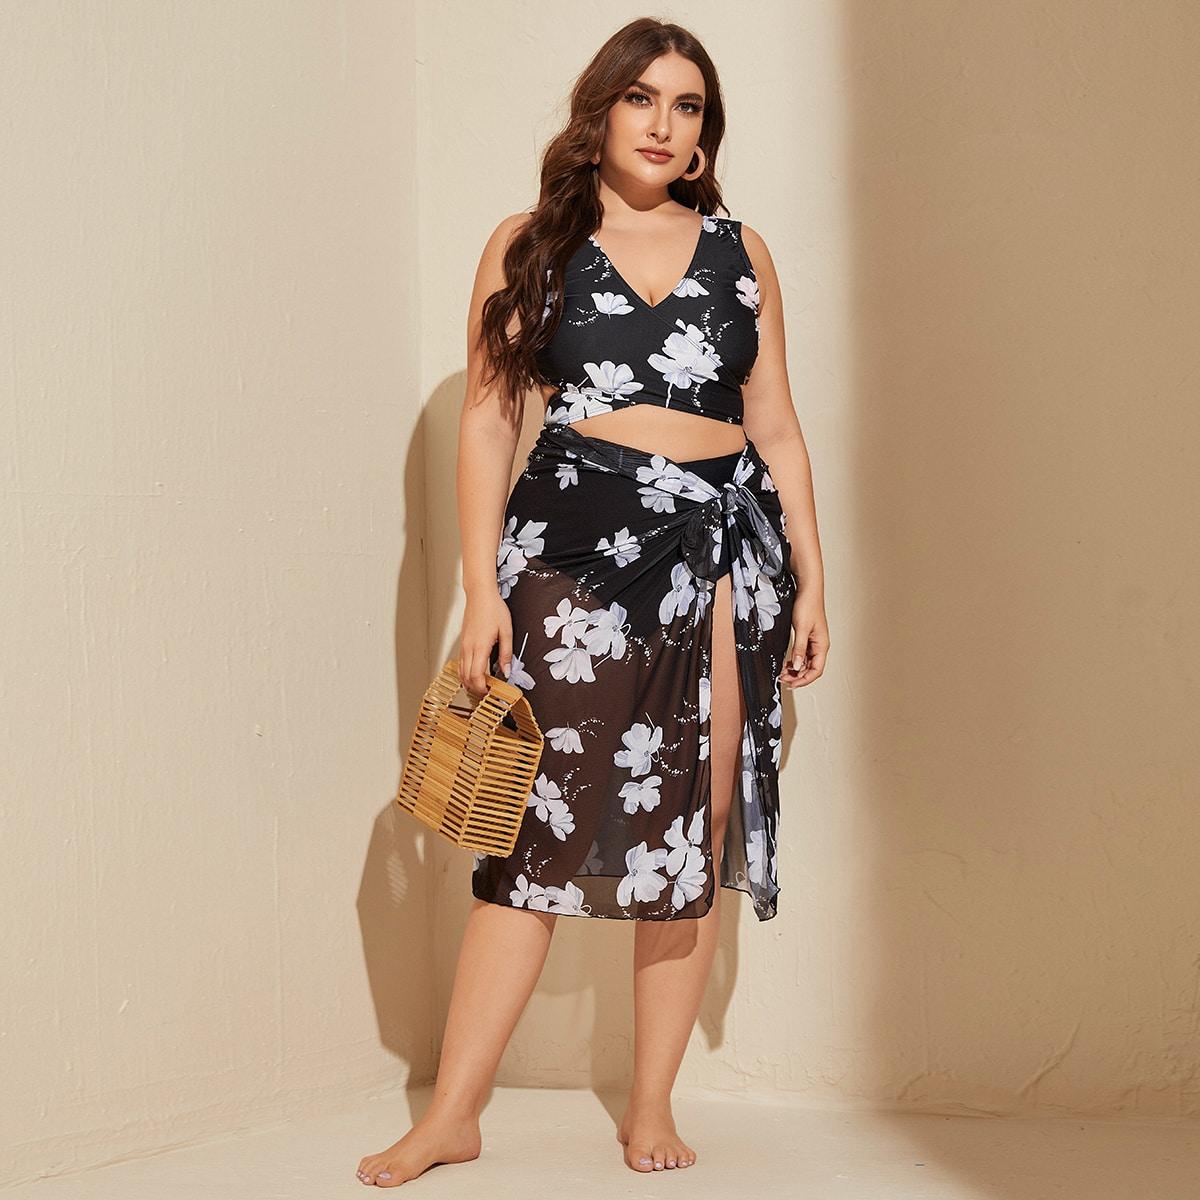 Сетчатая пляжная юбка и бикини размера плюс с цветочным принтом 3шт